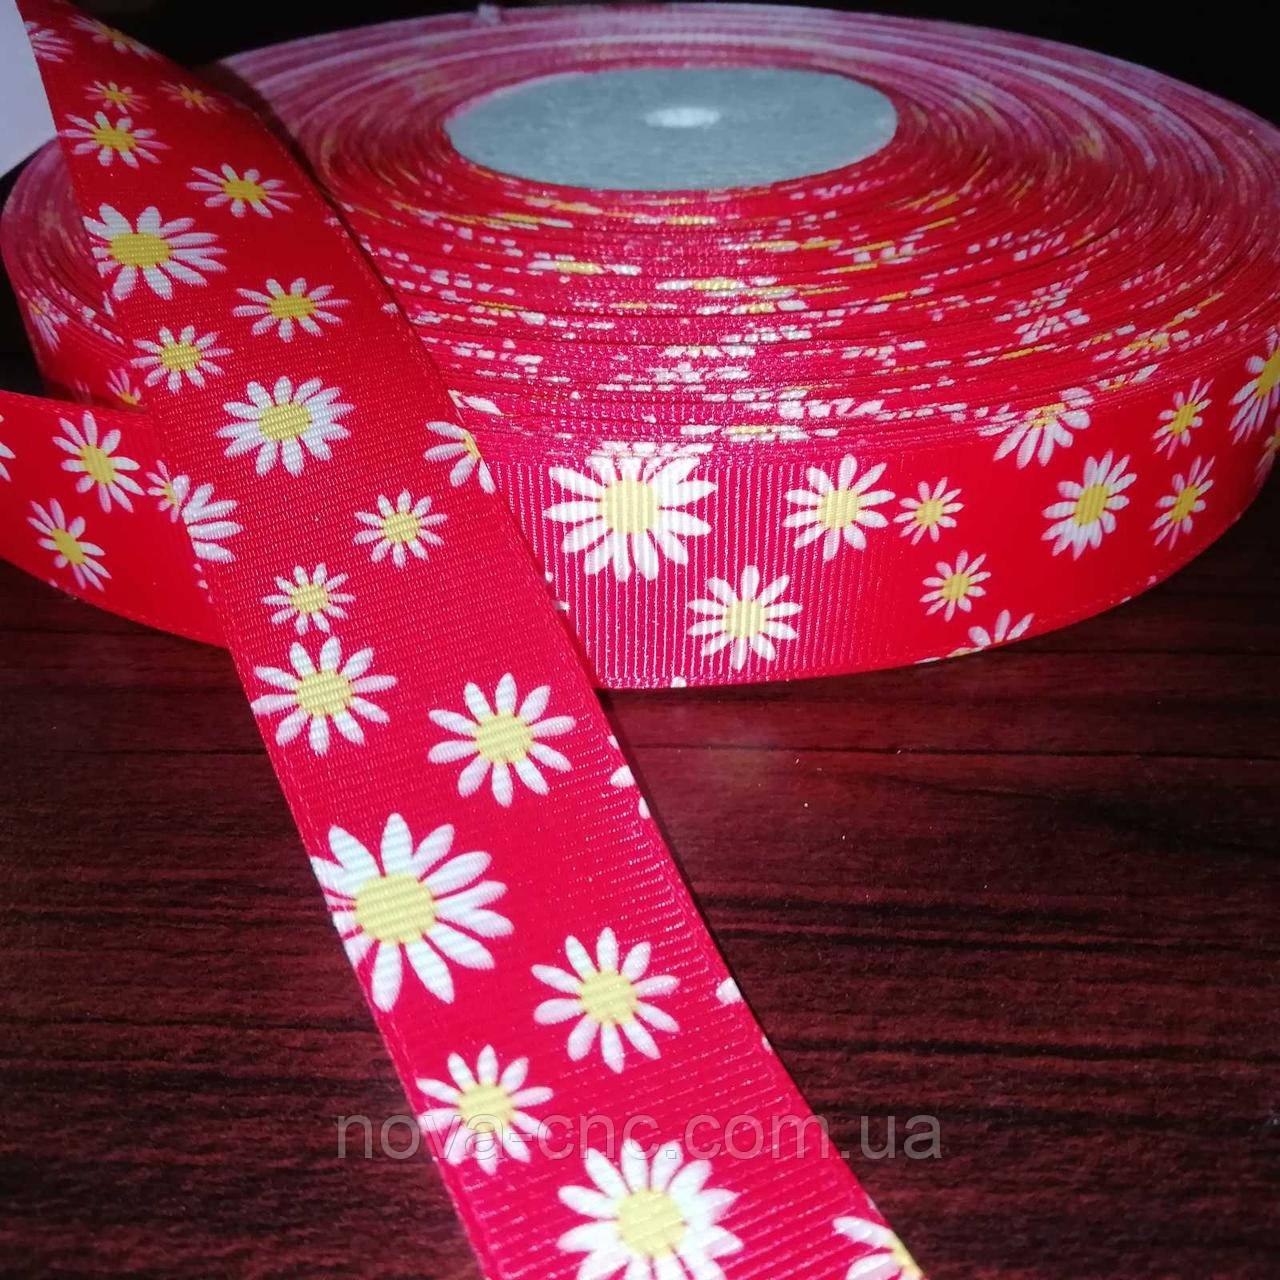 Лента репсовая Цветы красная с белыми цветами 25 мм +/-100 ярдов